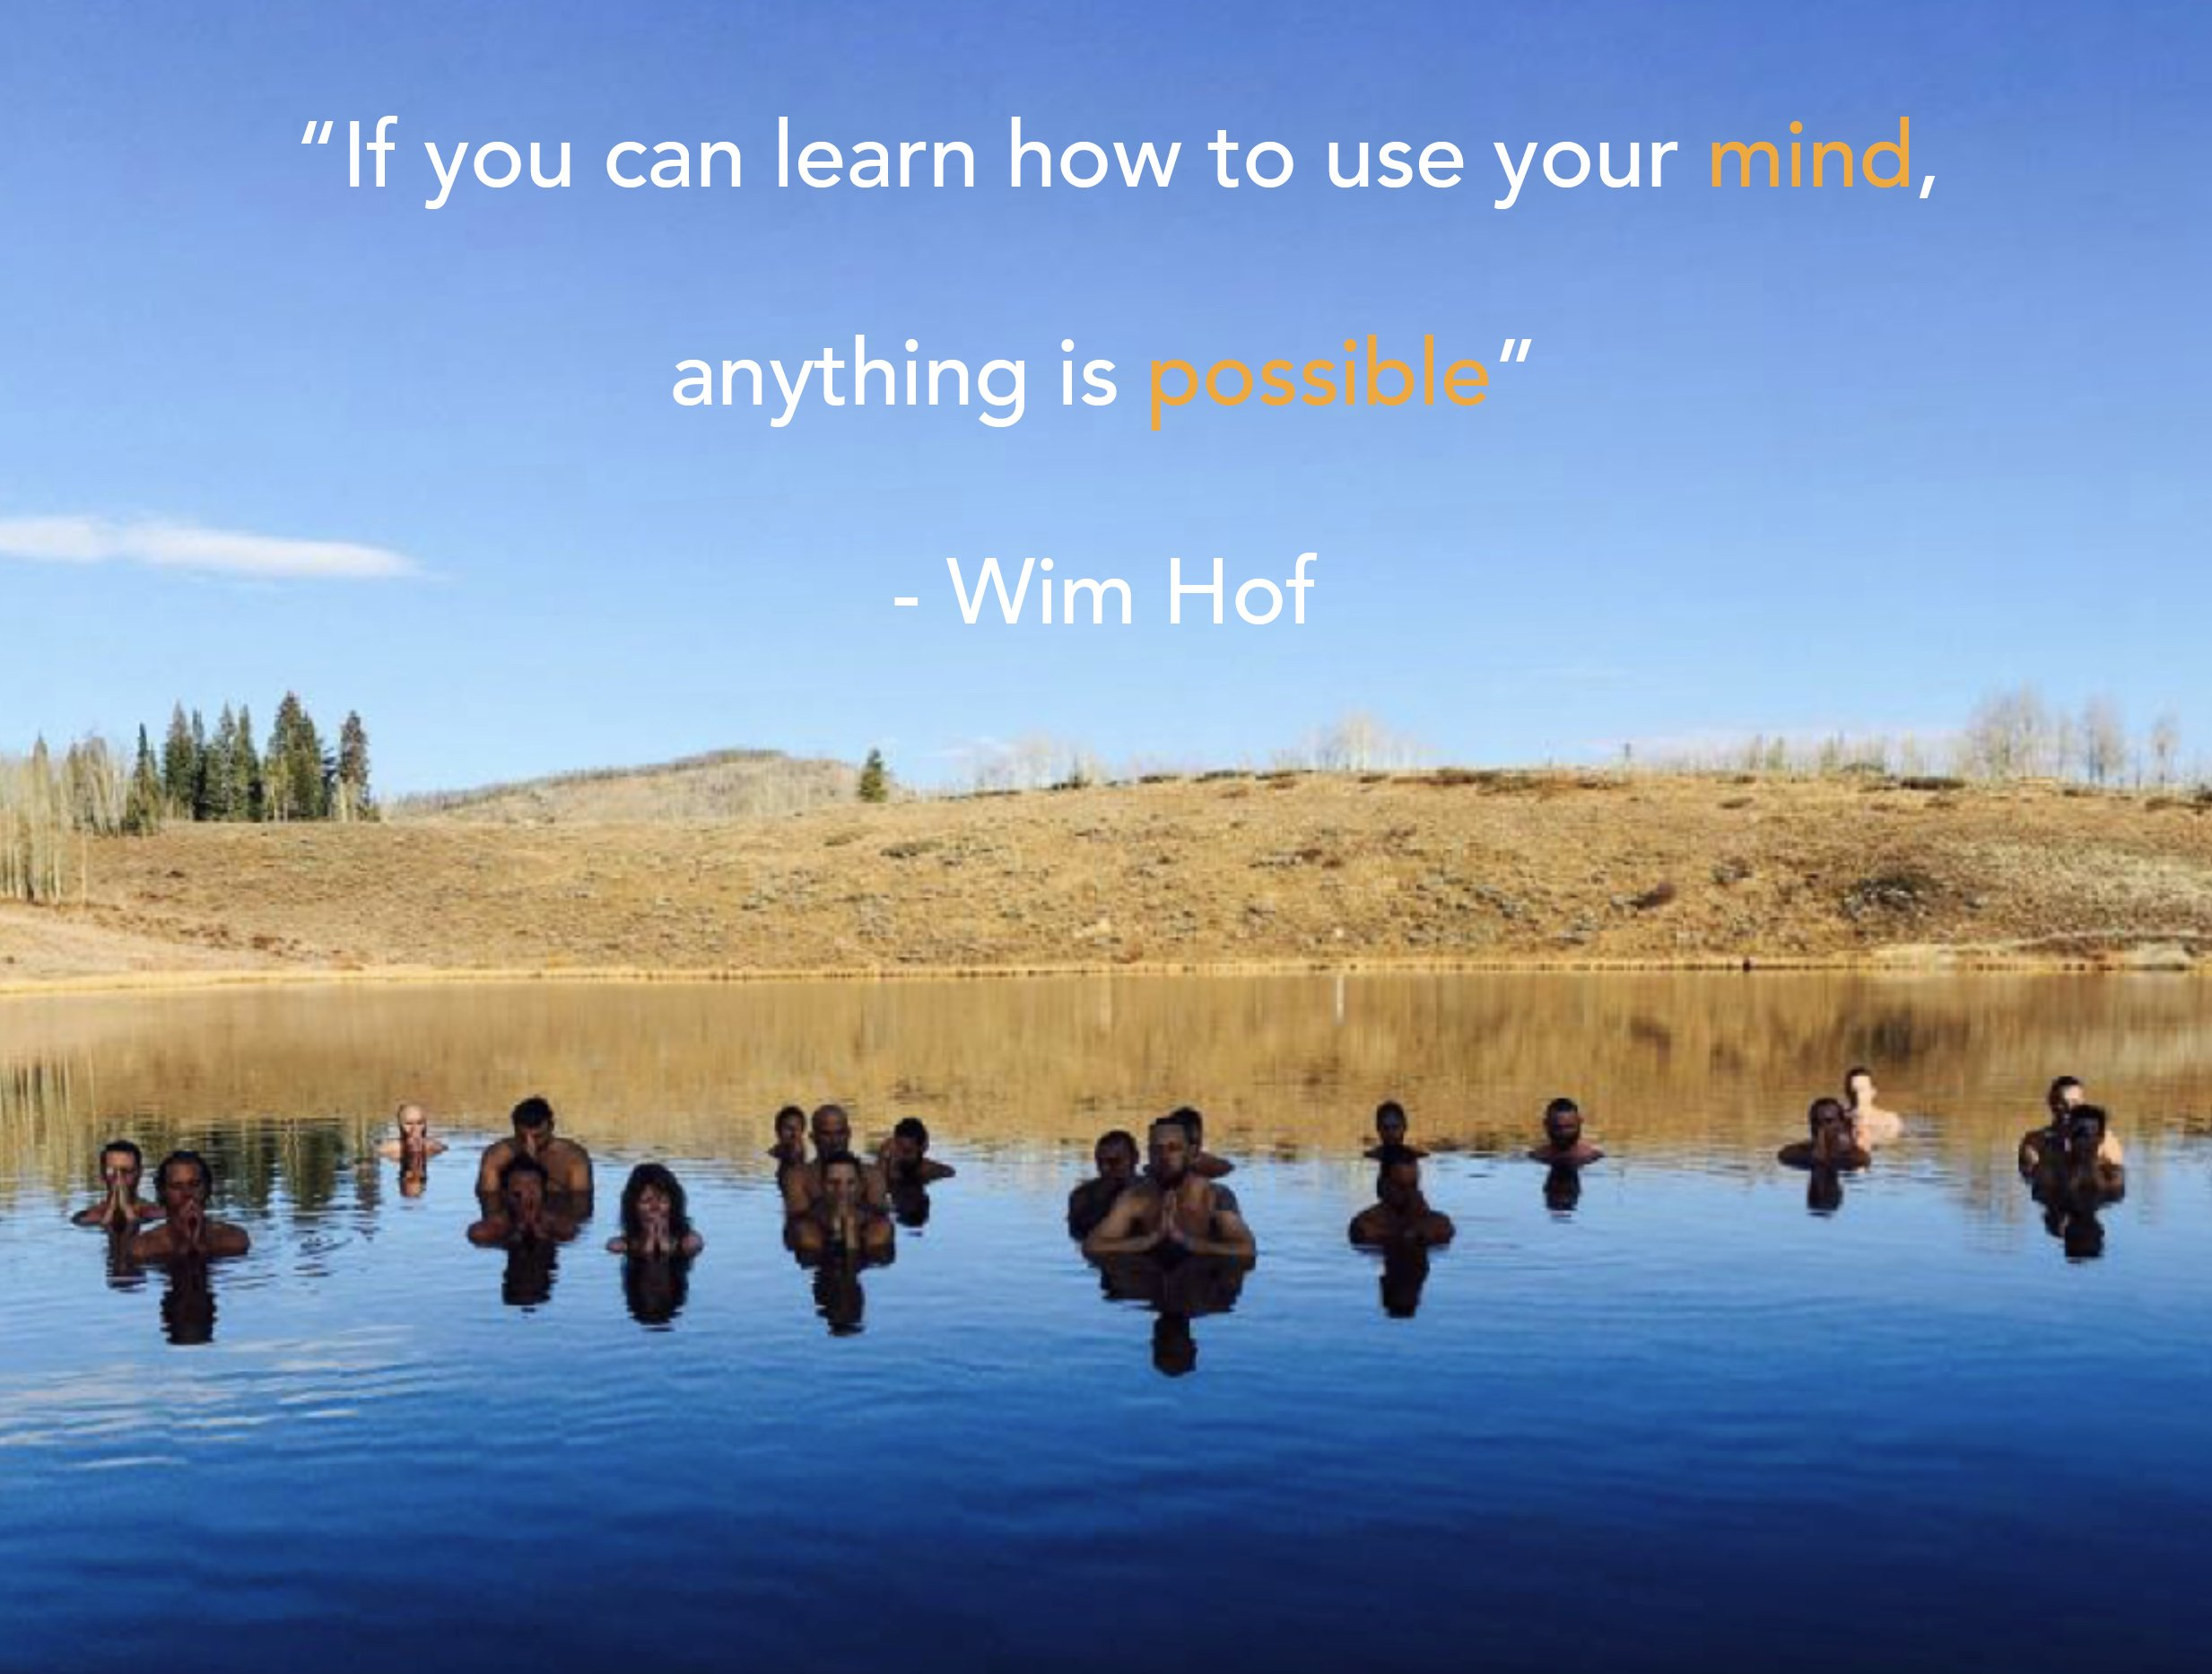 Wim Hof quotes